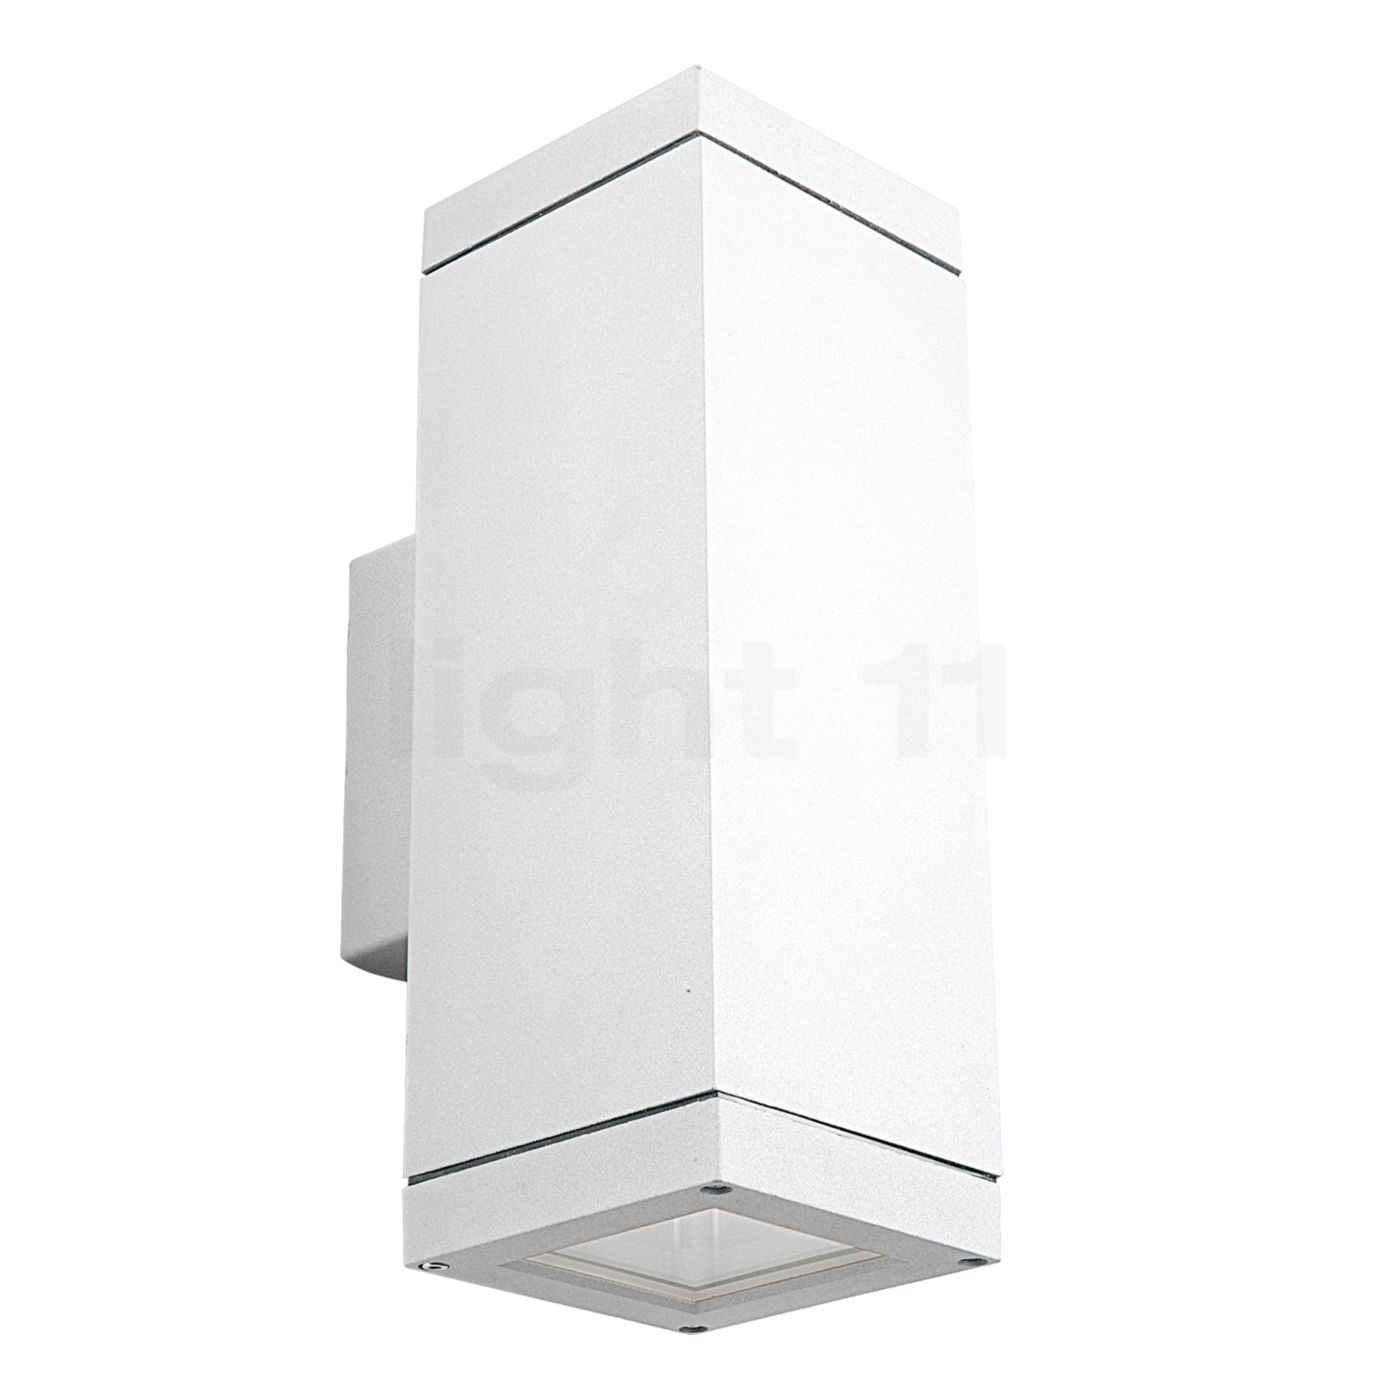 LEDS-C4 Afrodita PAR-30 Up-/Down Wandleuchte, weiß 05-9368-14-37